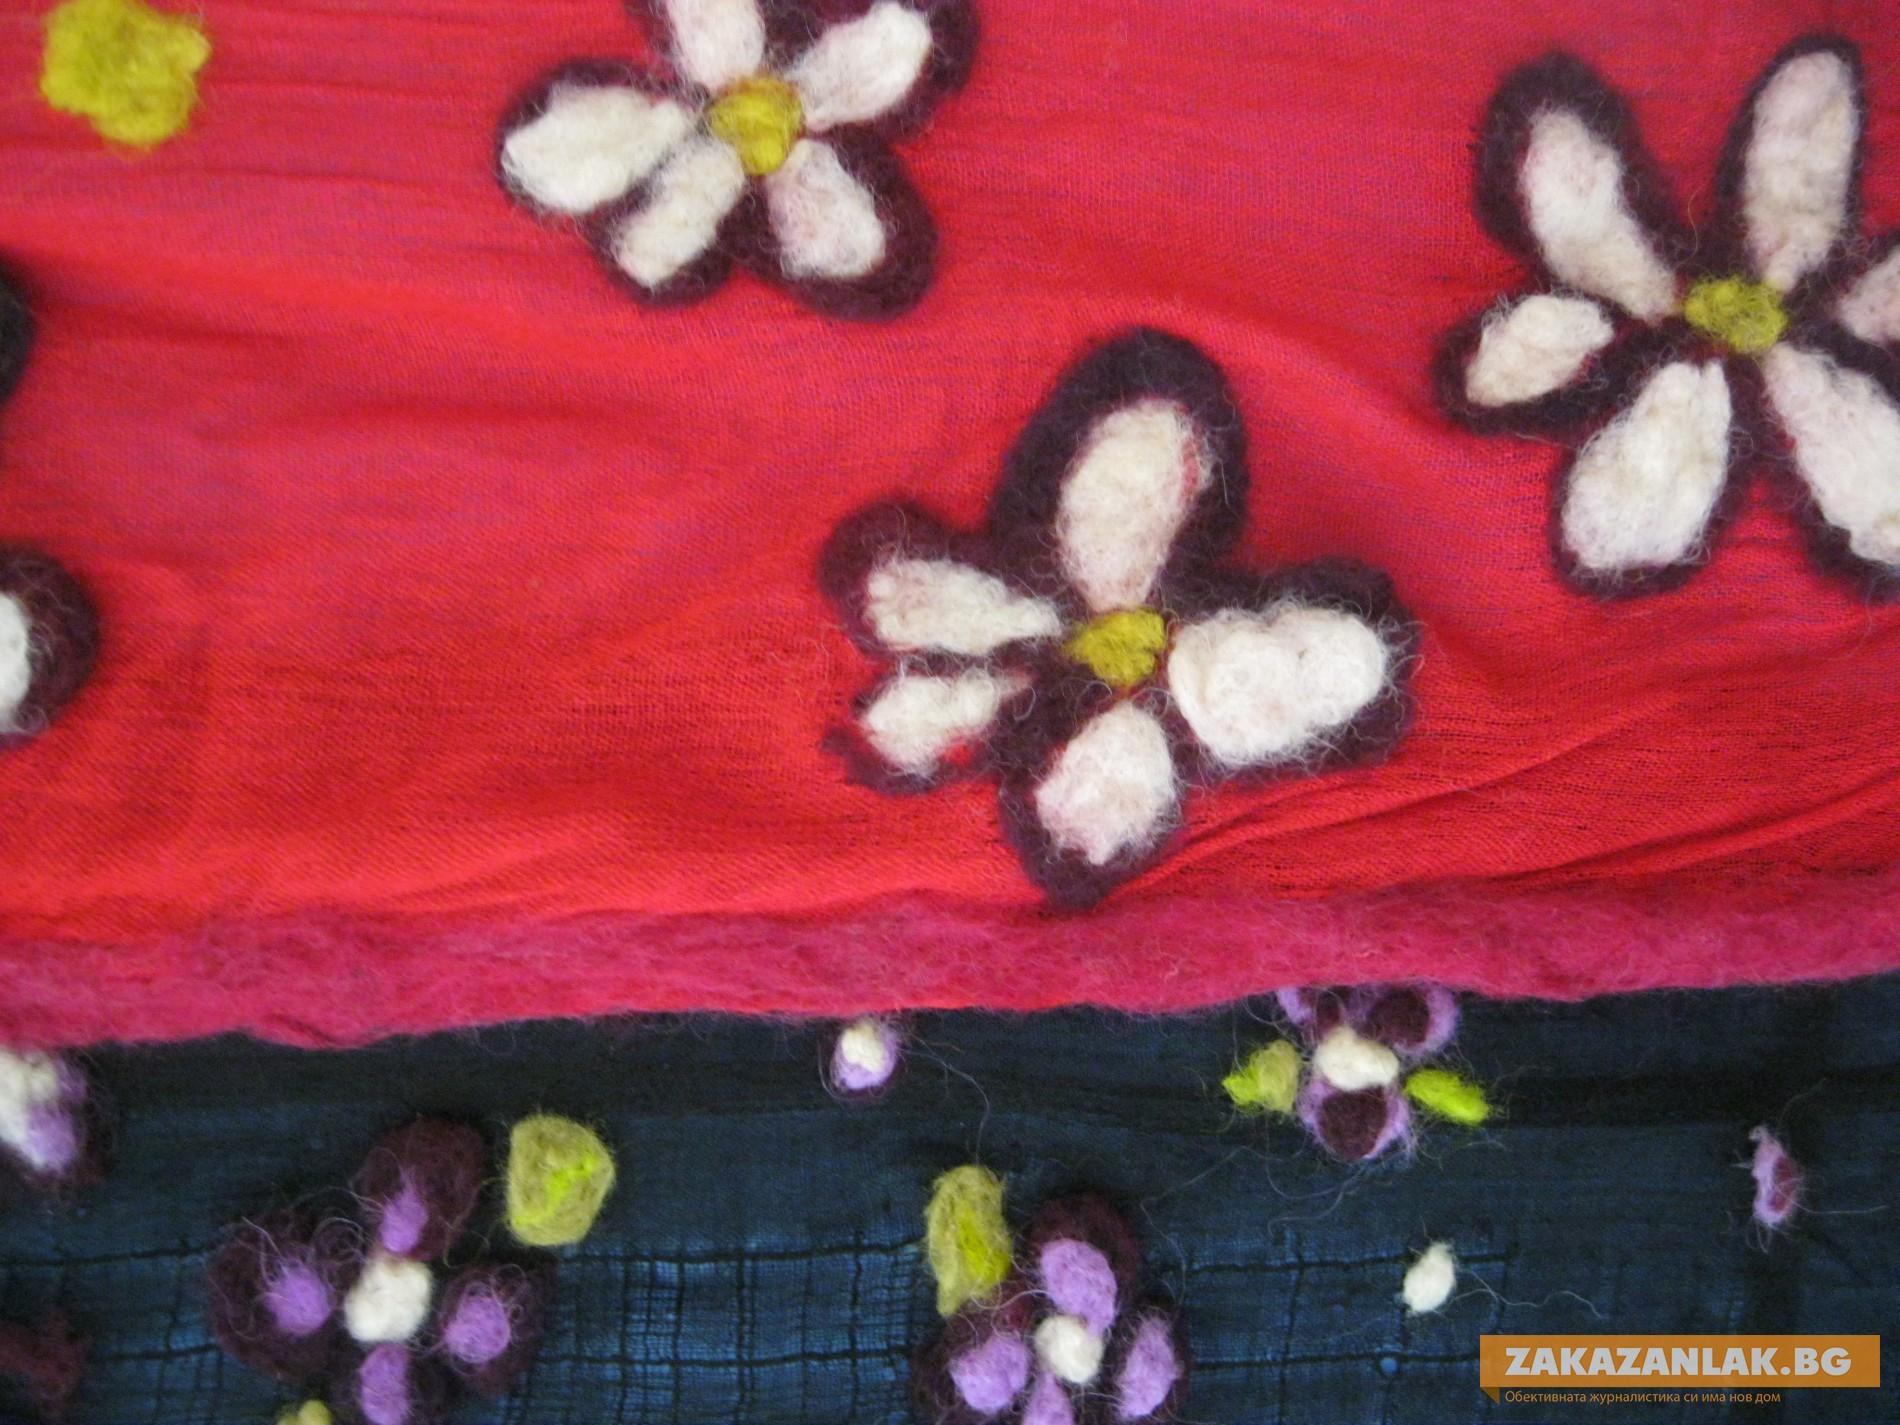 """""""За мама""""- изложба на шалове плъсти"""